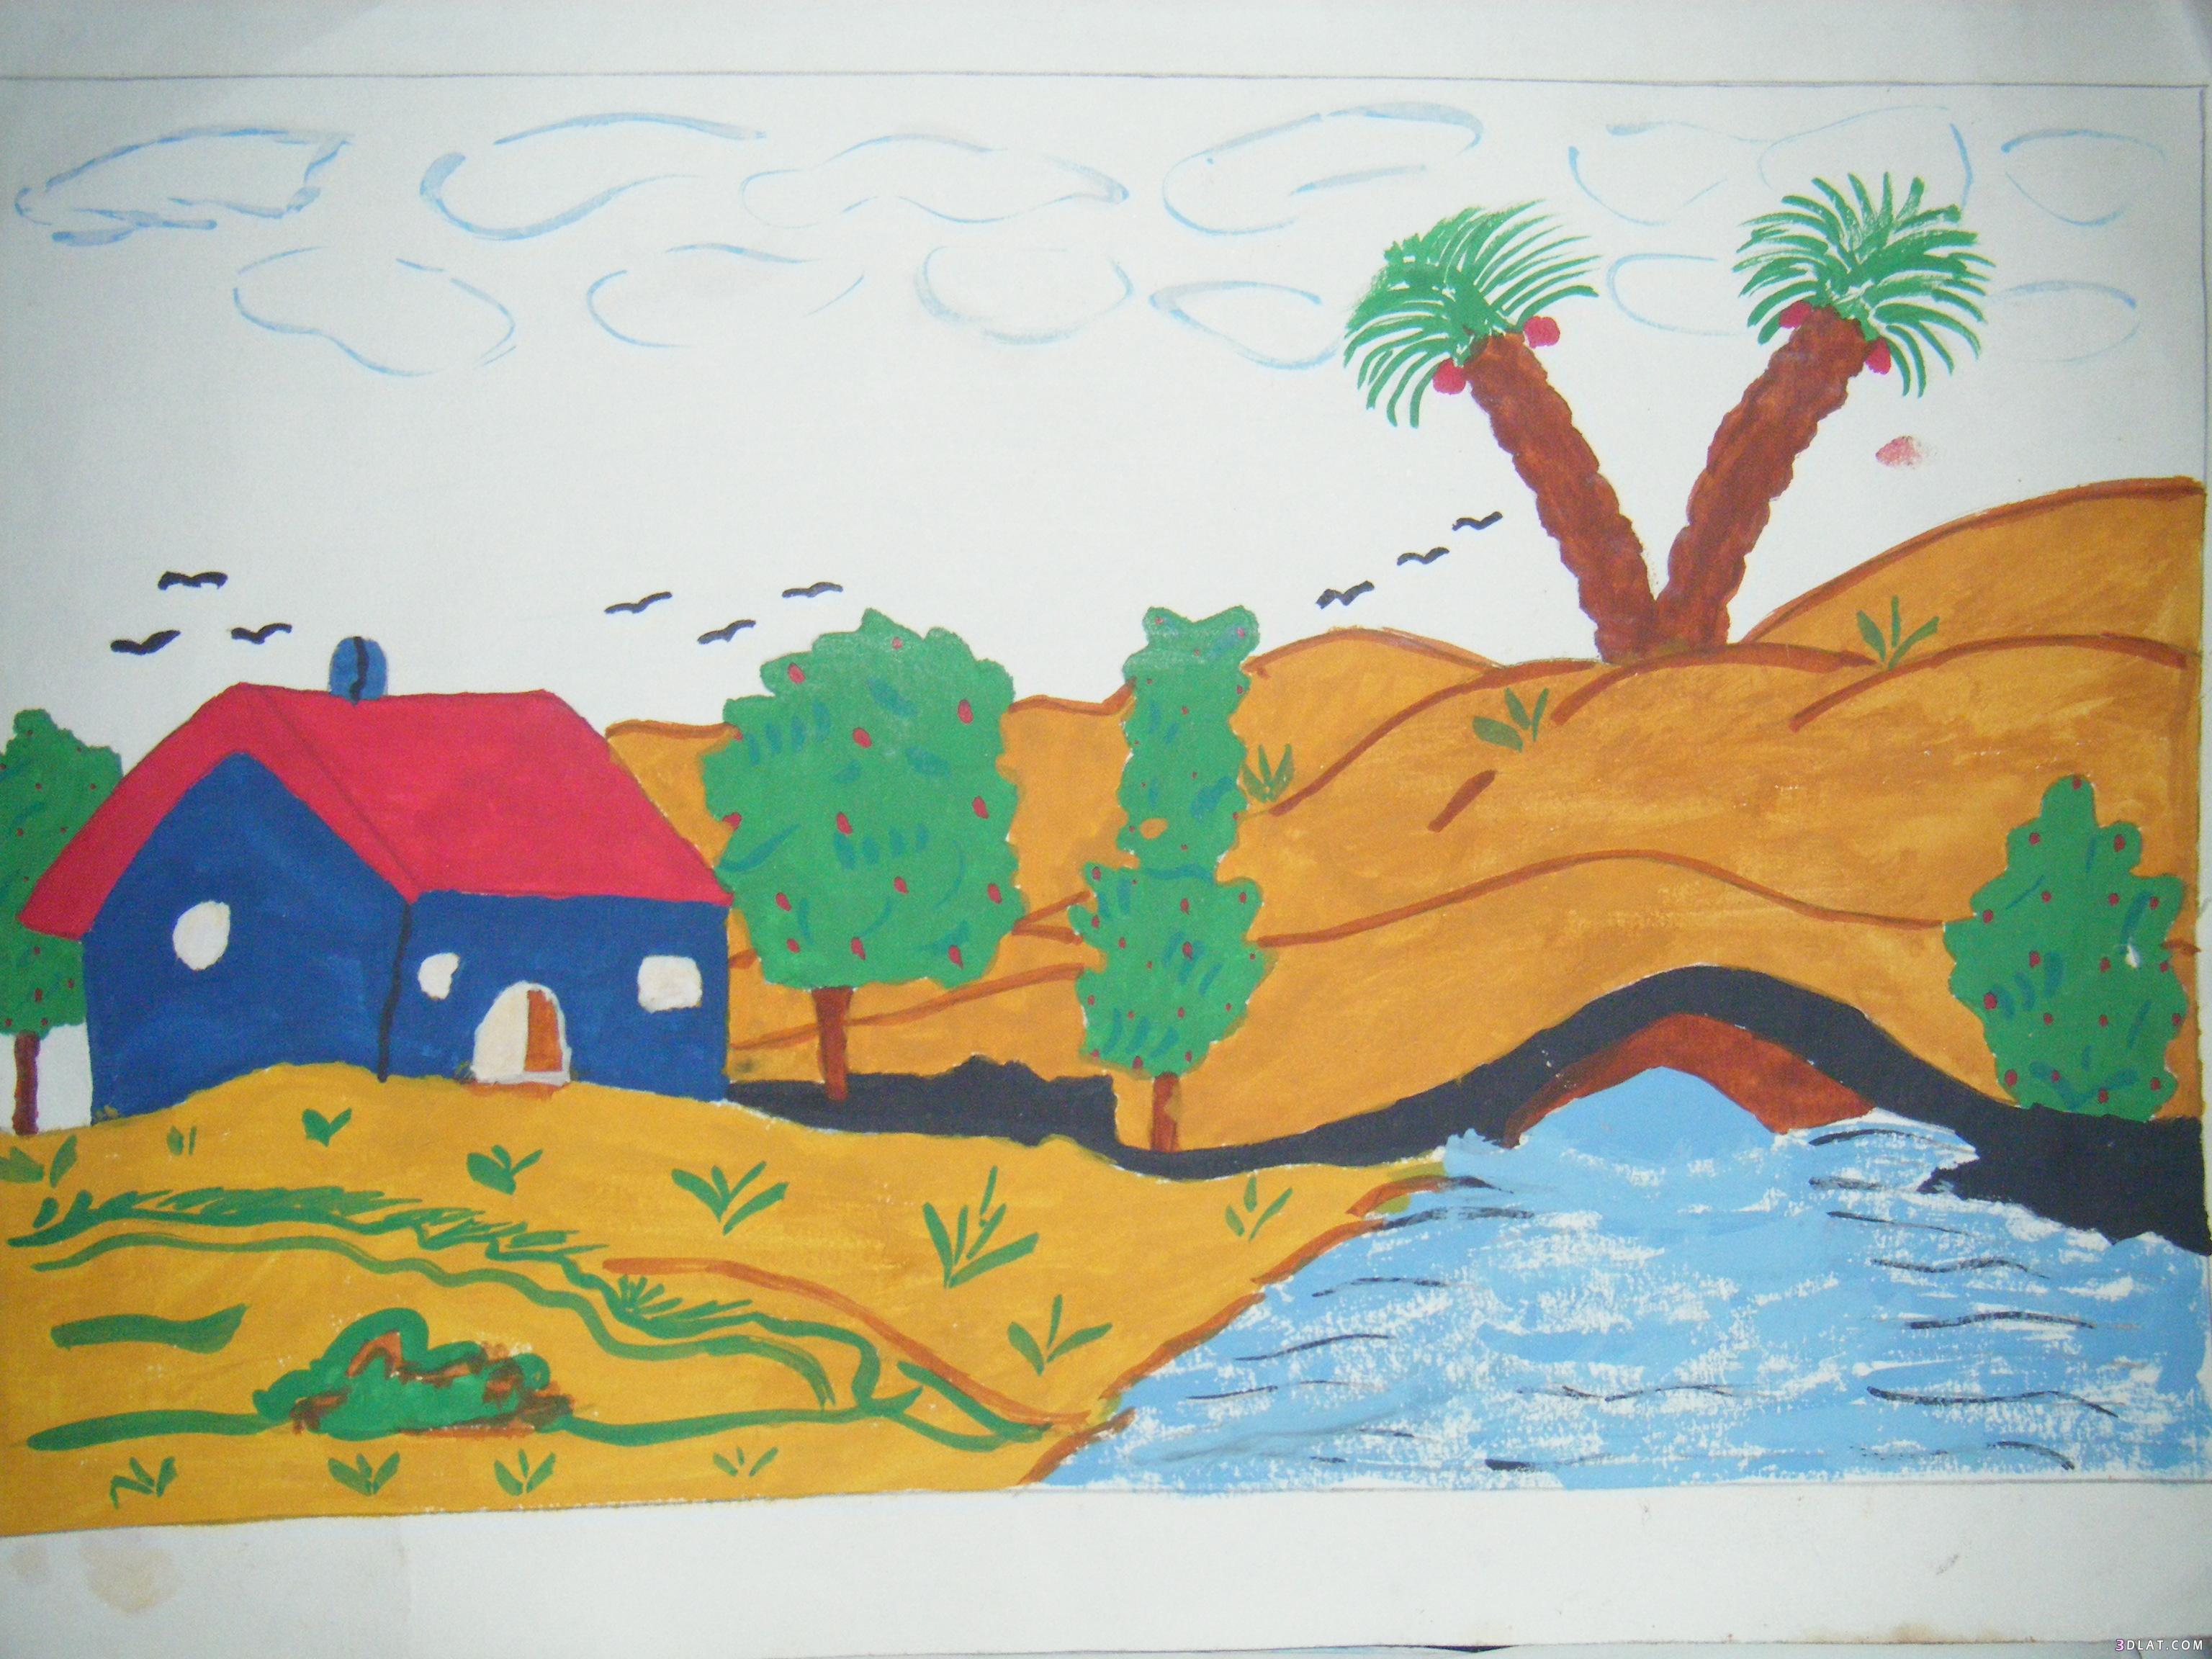 توصيل سريع معلومات ل مجموعة كاملة رسم لوحات للاطفال